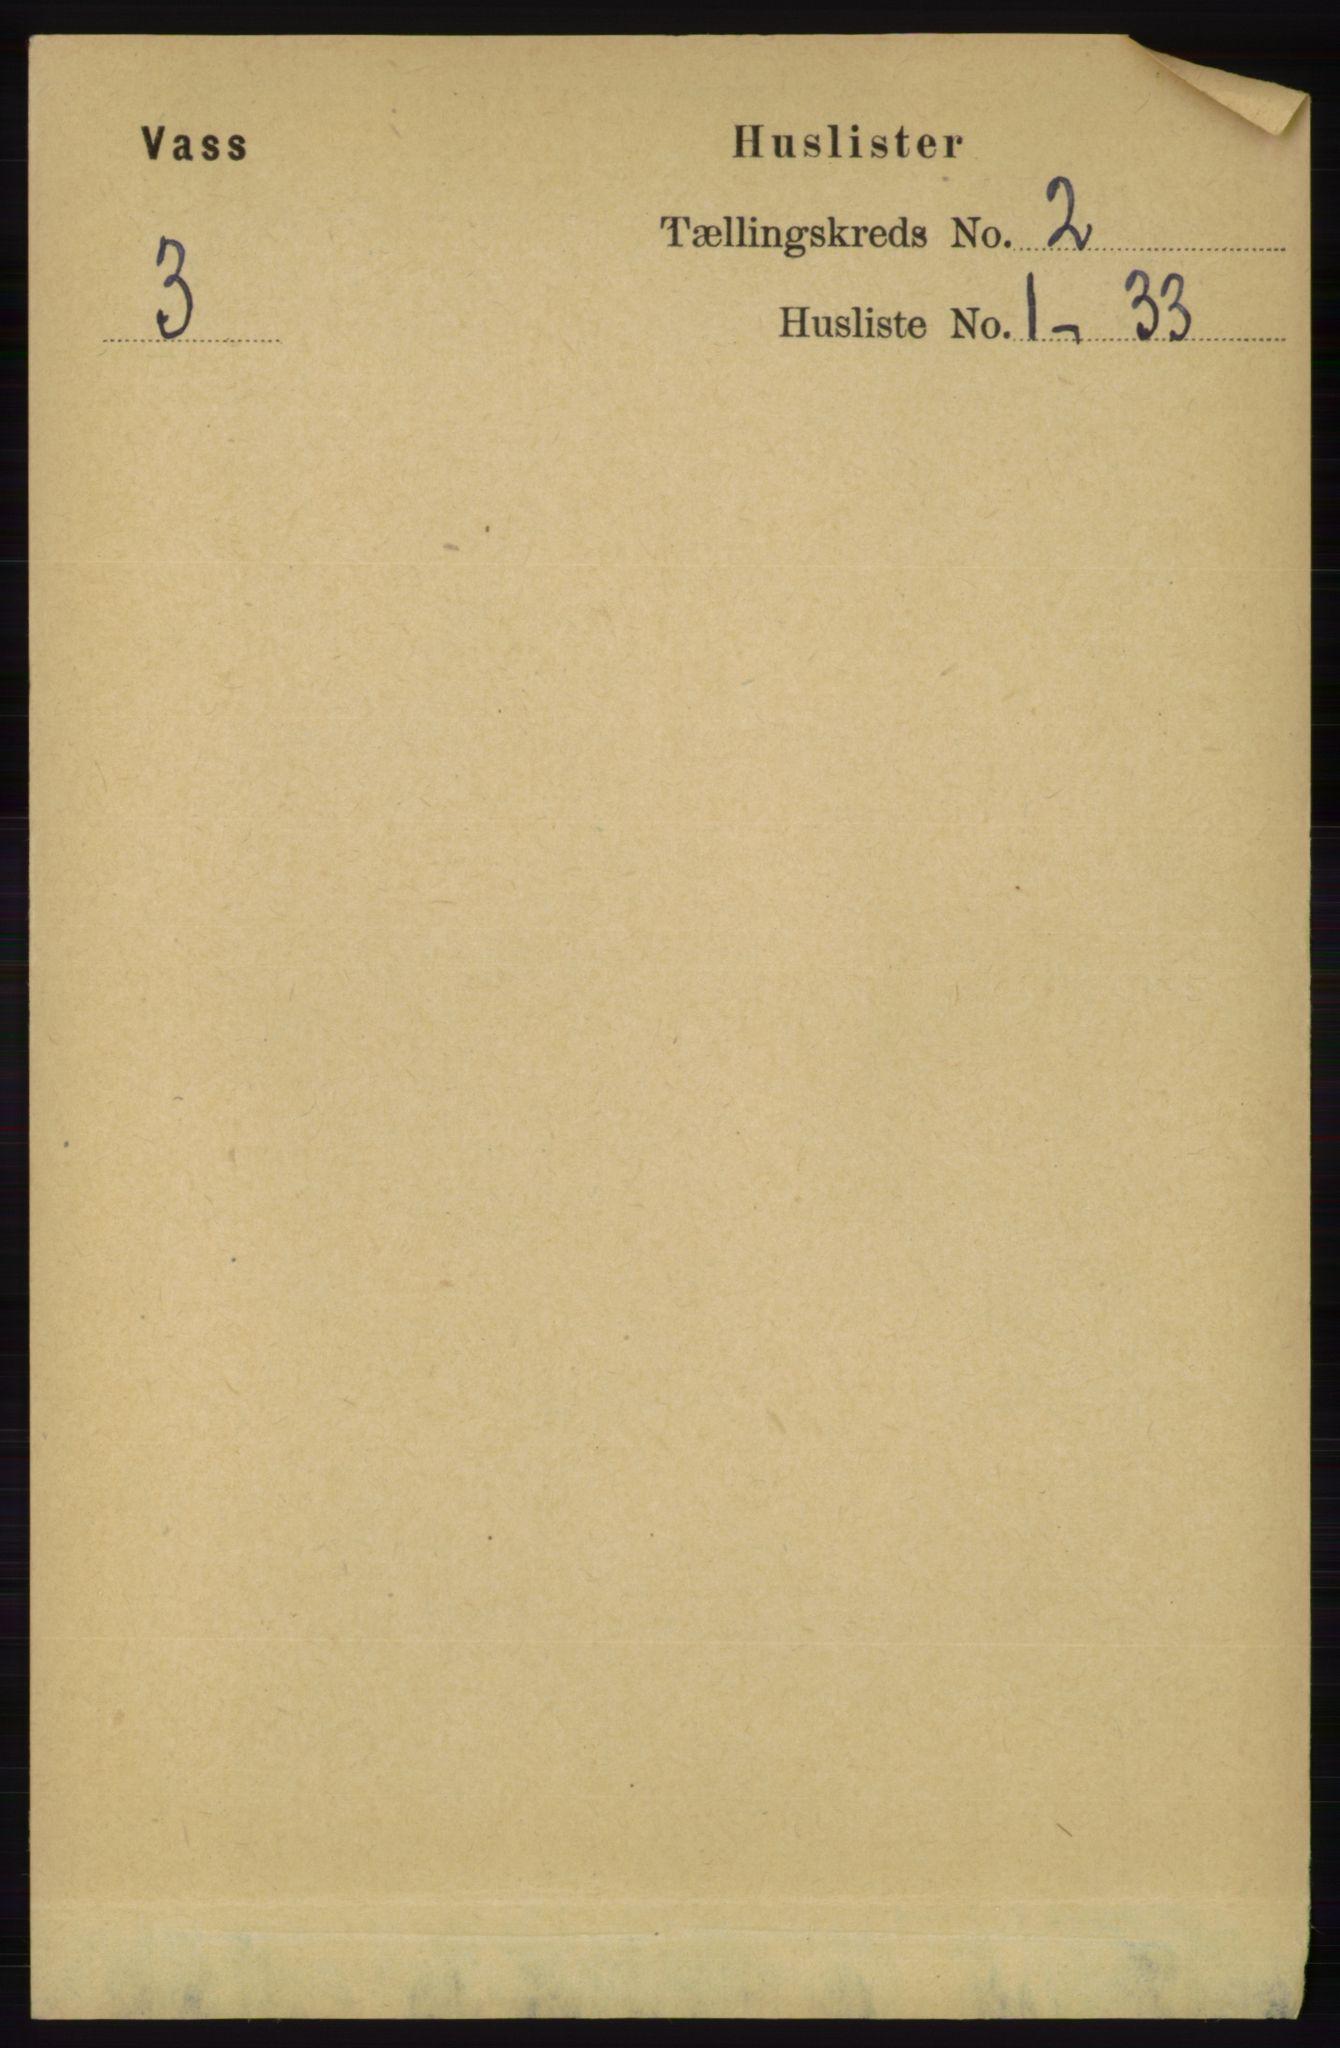 RA, Folketelling 1891 for 1155 Vats herred, 1891, s. 172